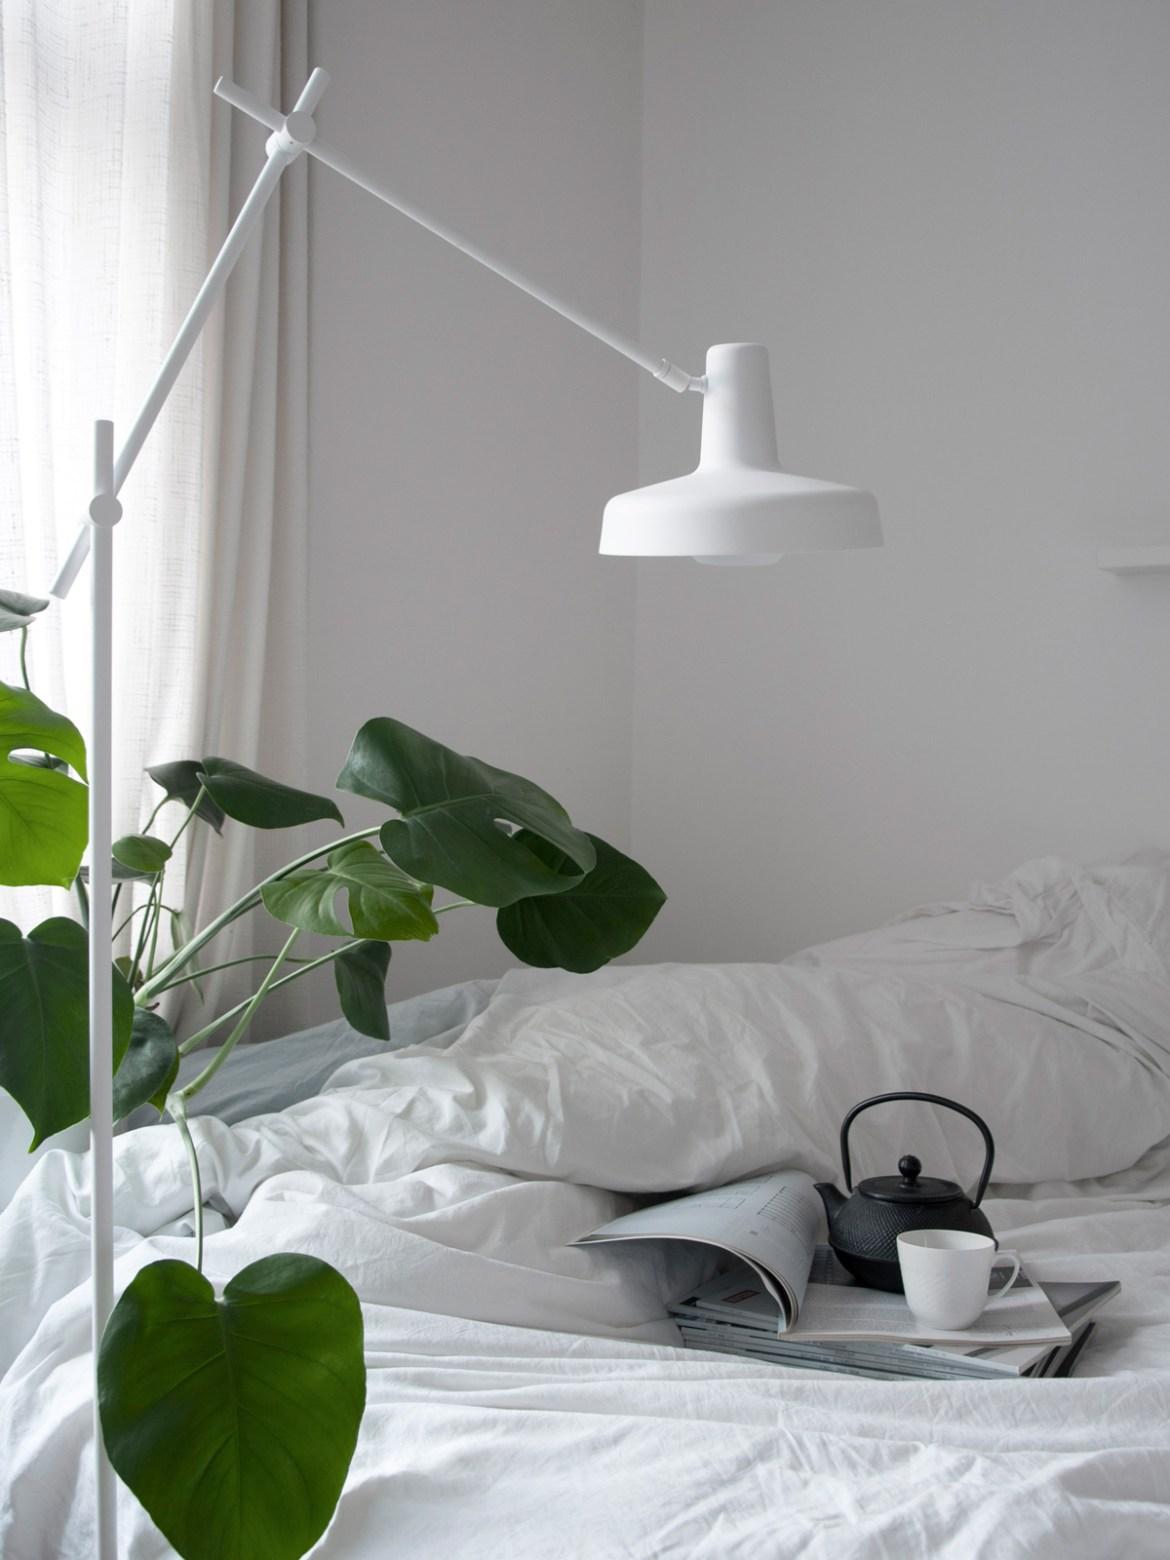 DesignOrt Blog: Beleuchtung für das Home Office Stehlampe Arigato Floor Grupa Products